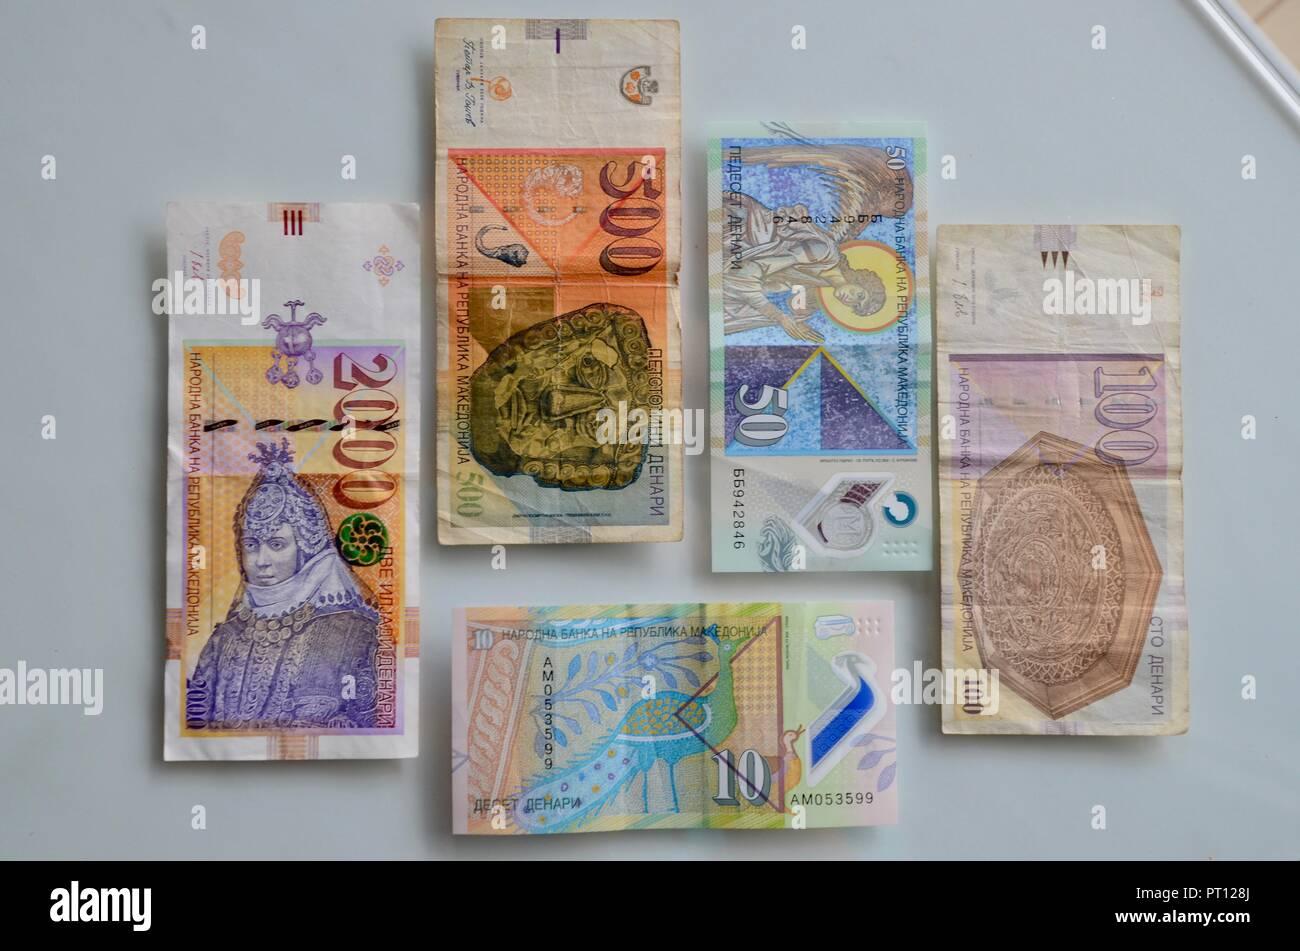 an assortment of macedonian dinar notes - Stock Image